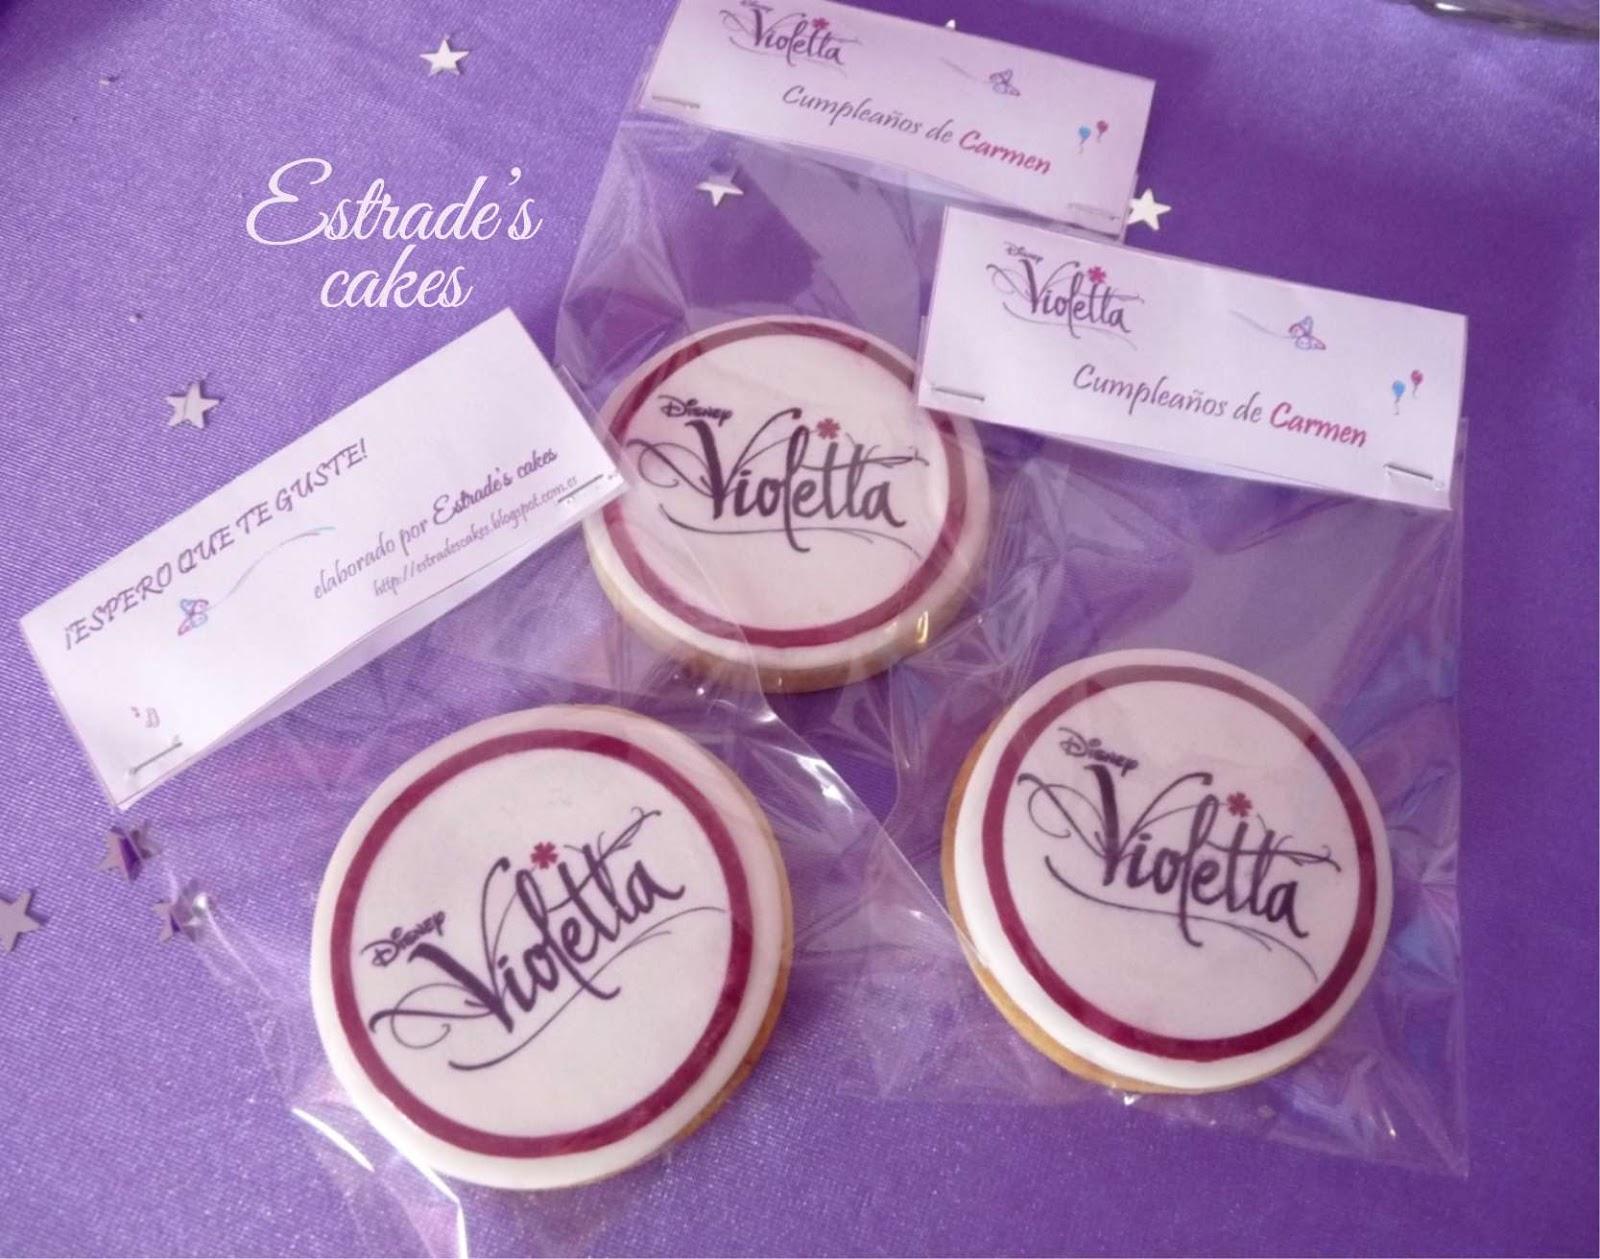 galletas de Violetta - 3